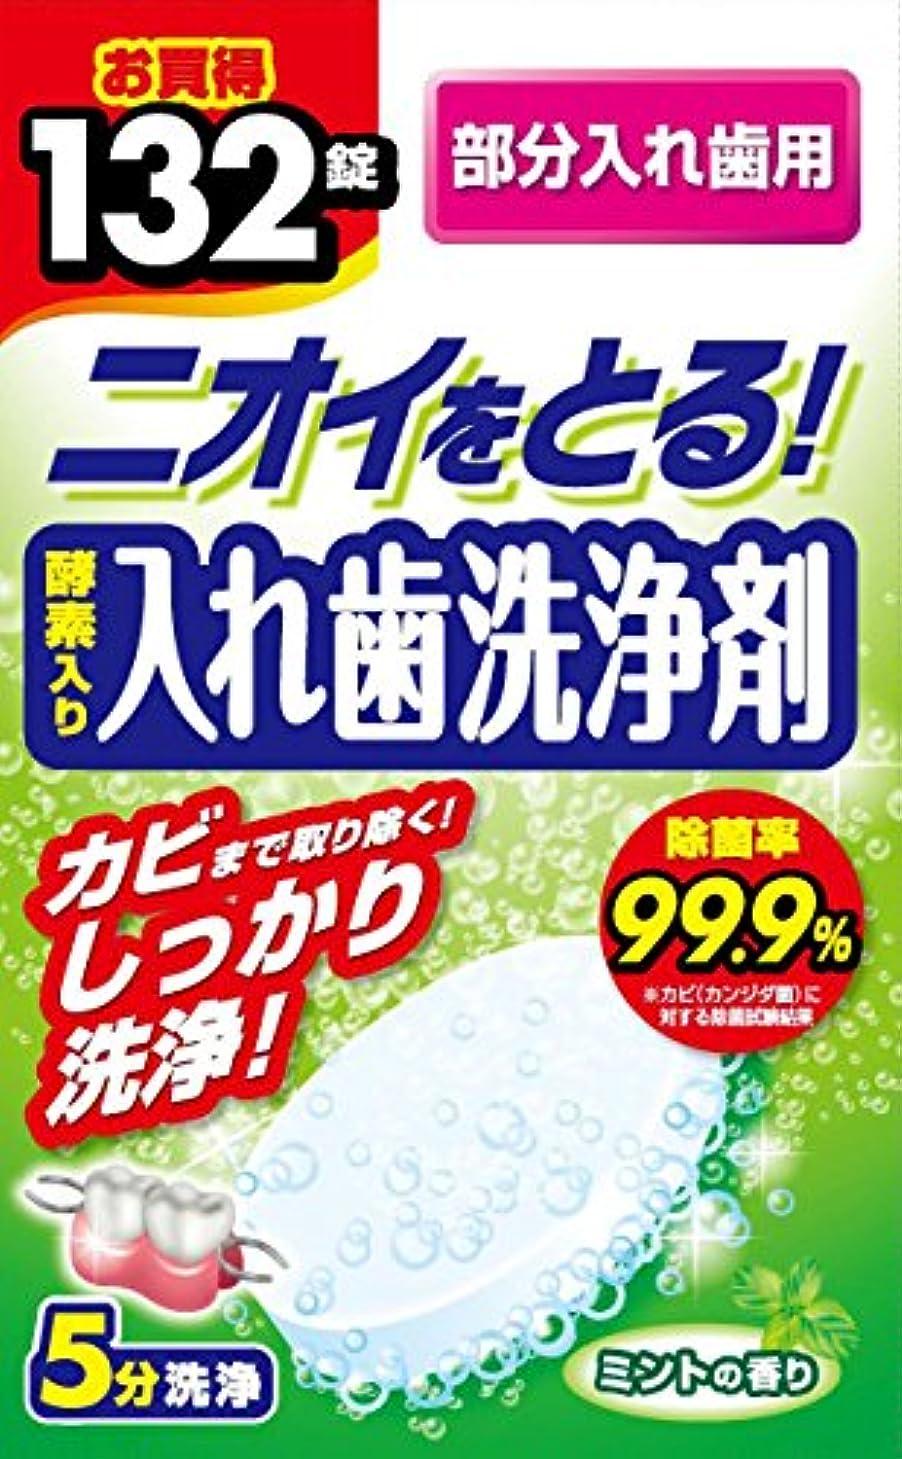 カカドゥオプションオーナー酵素入り入れ歯洗浄剤 部分入れ歯用 132錠入